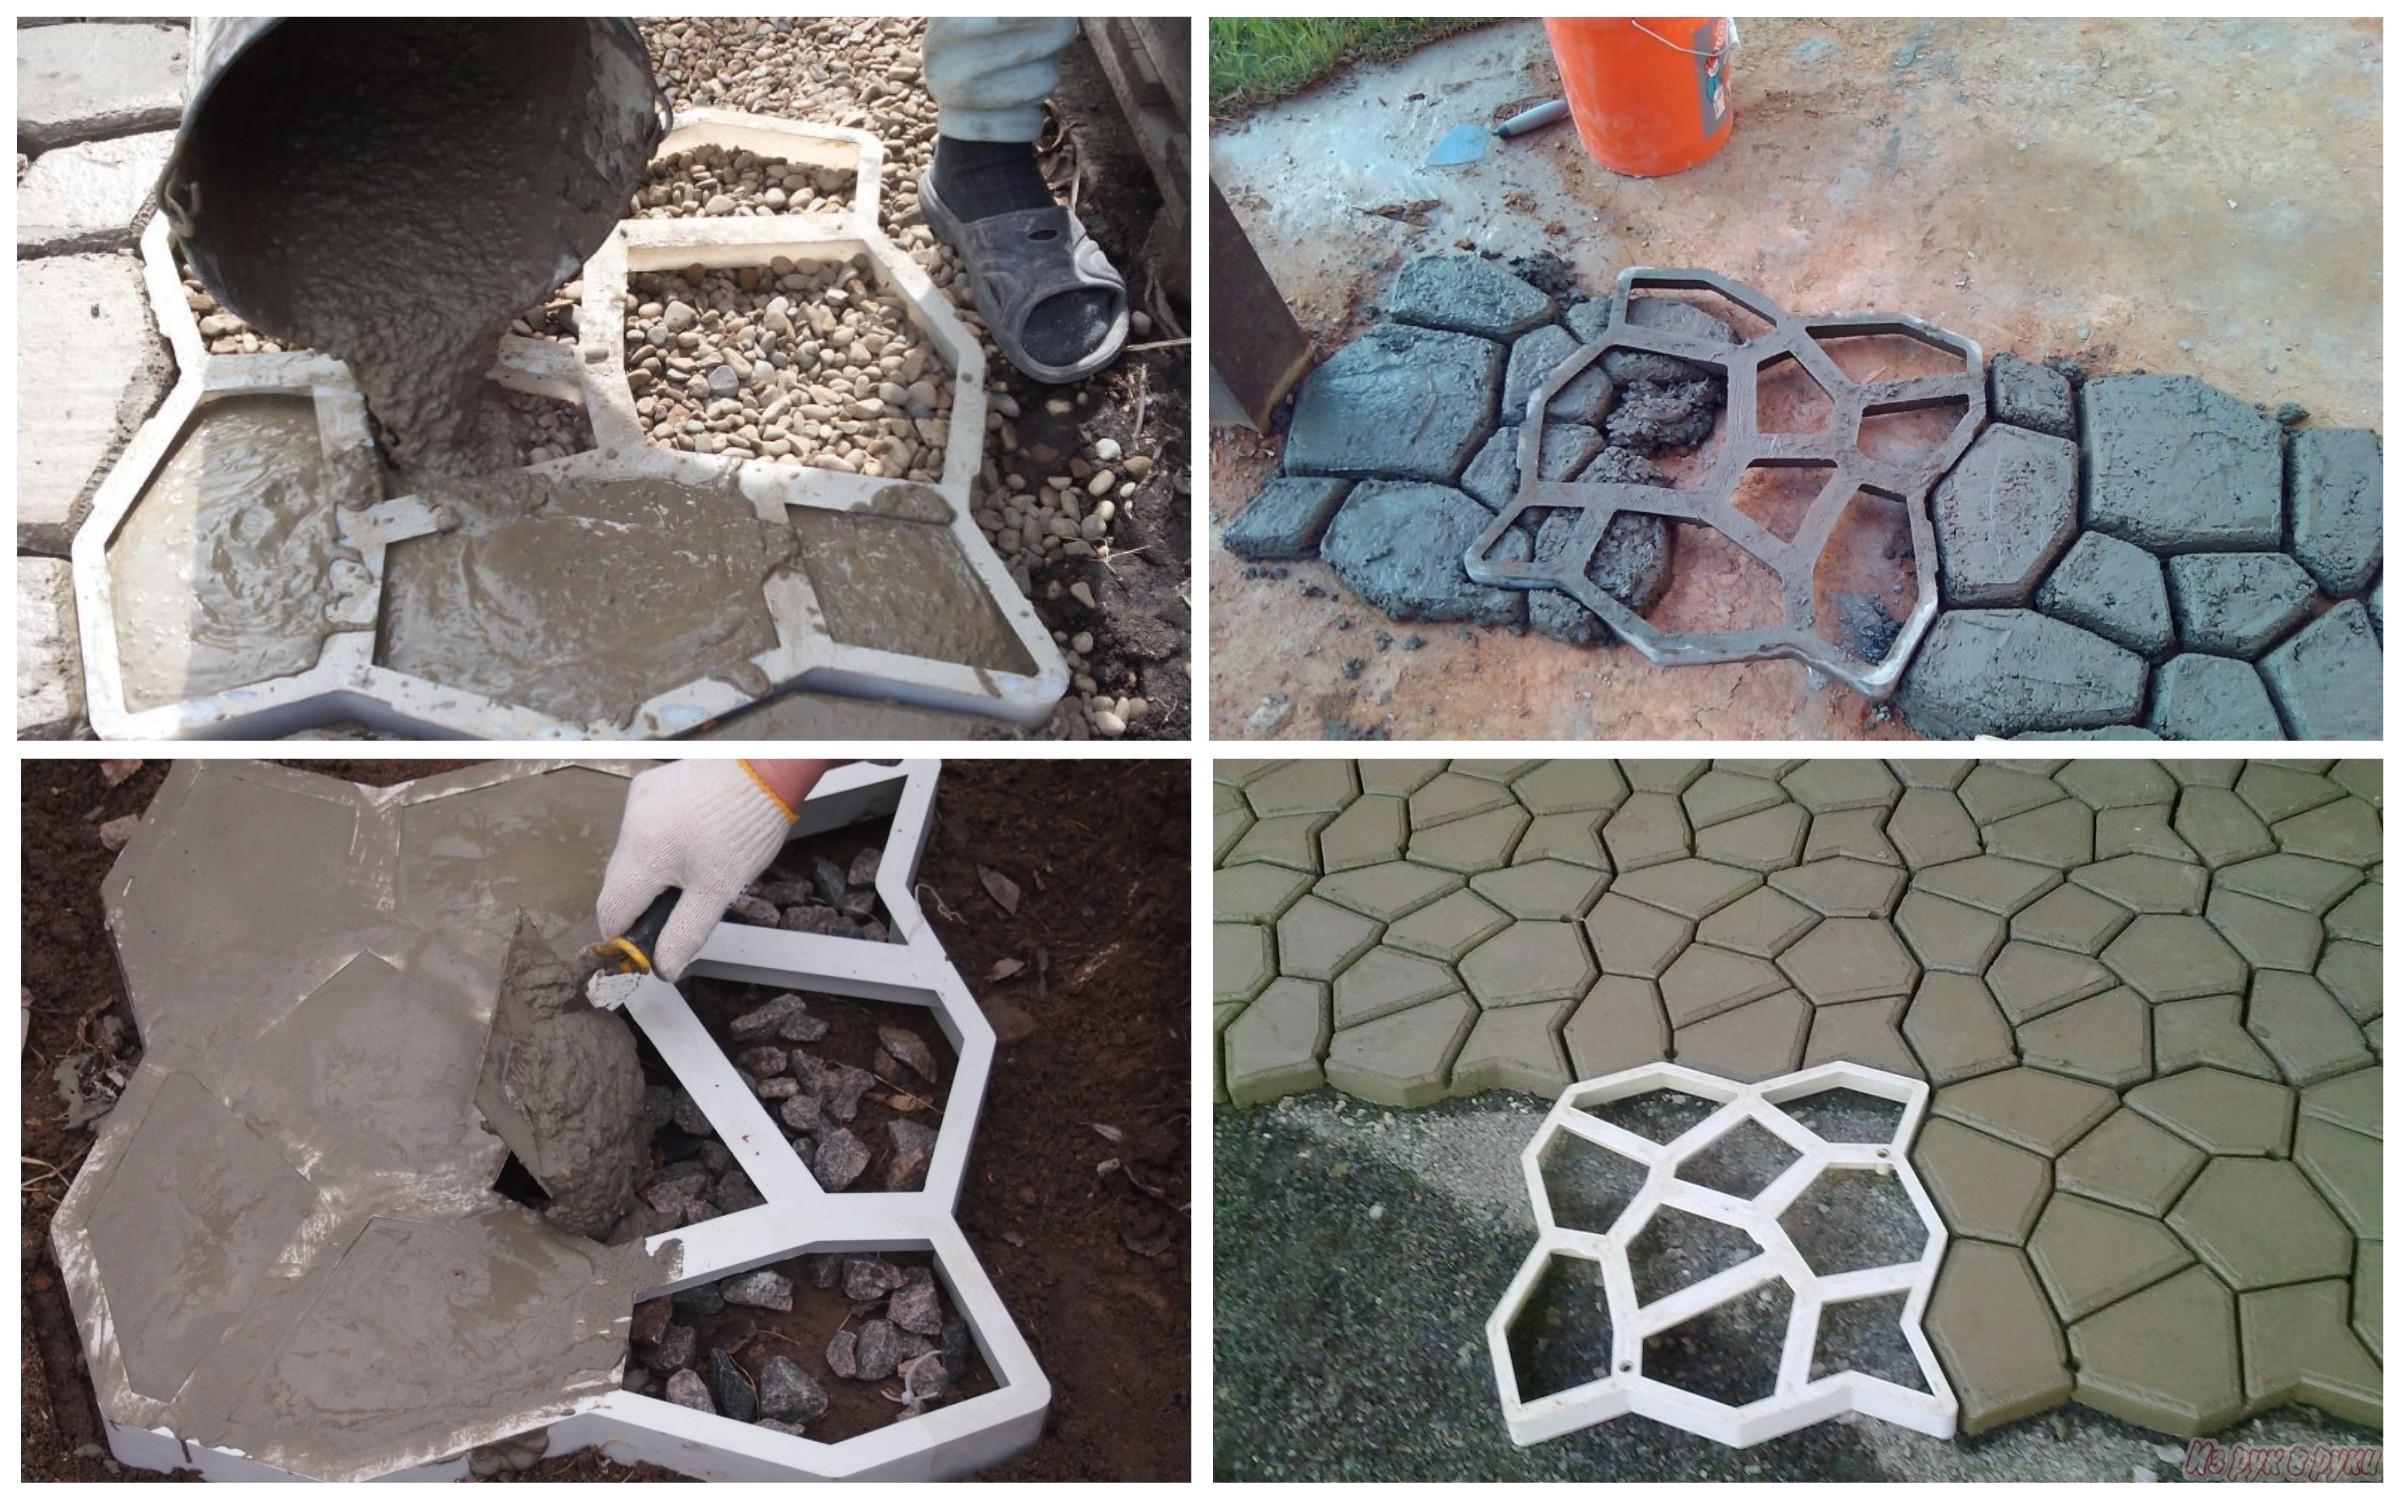 изображение заливки бетона в формы